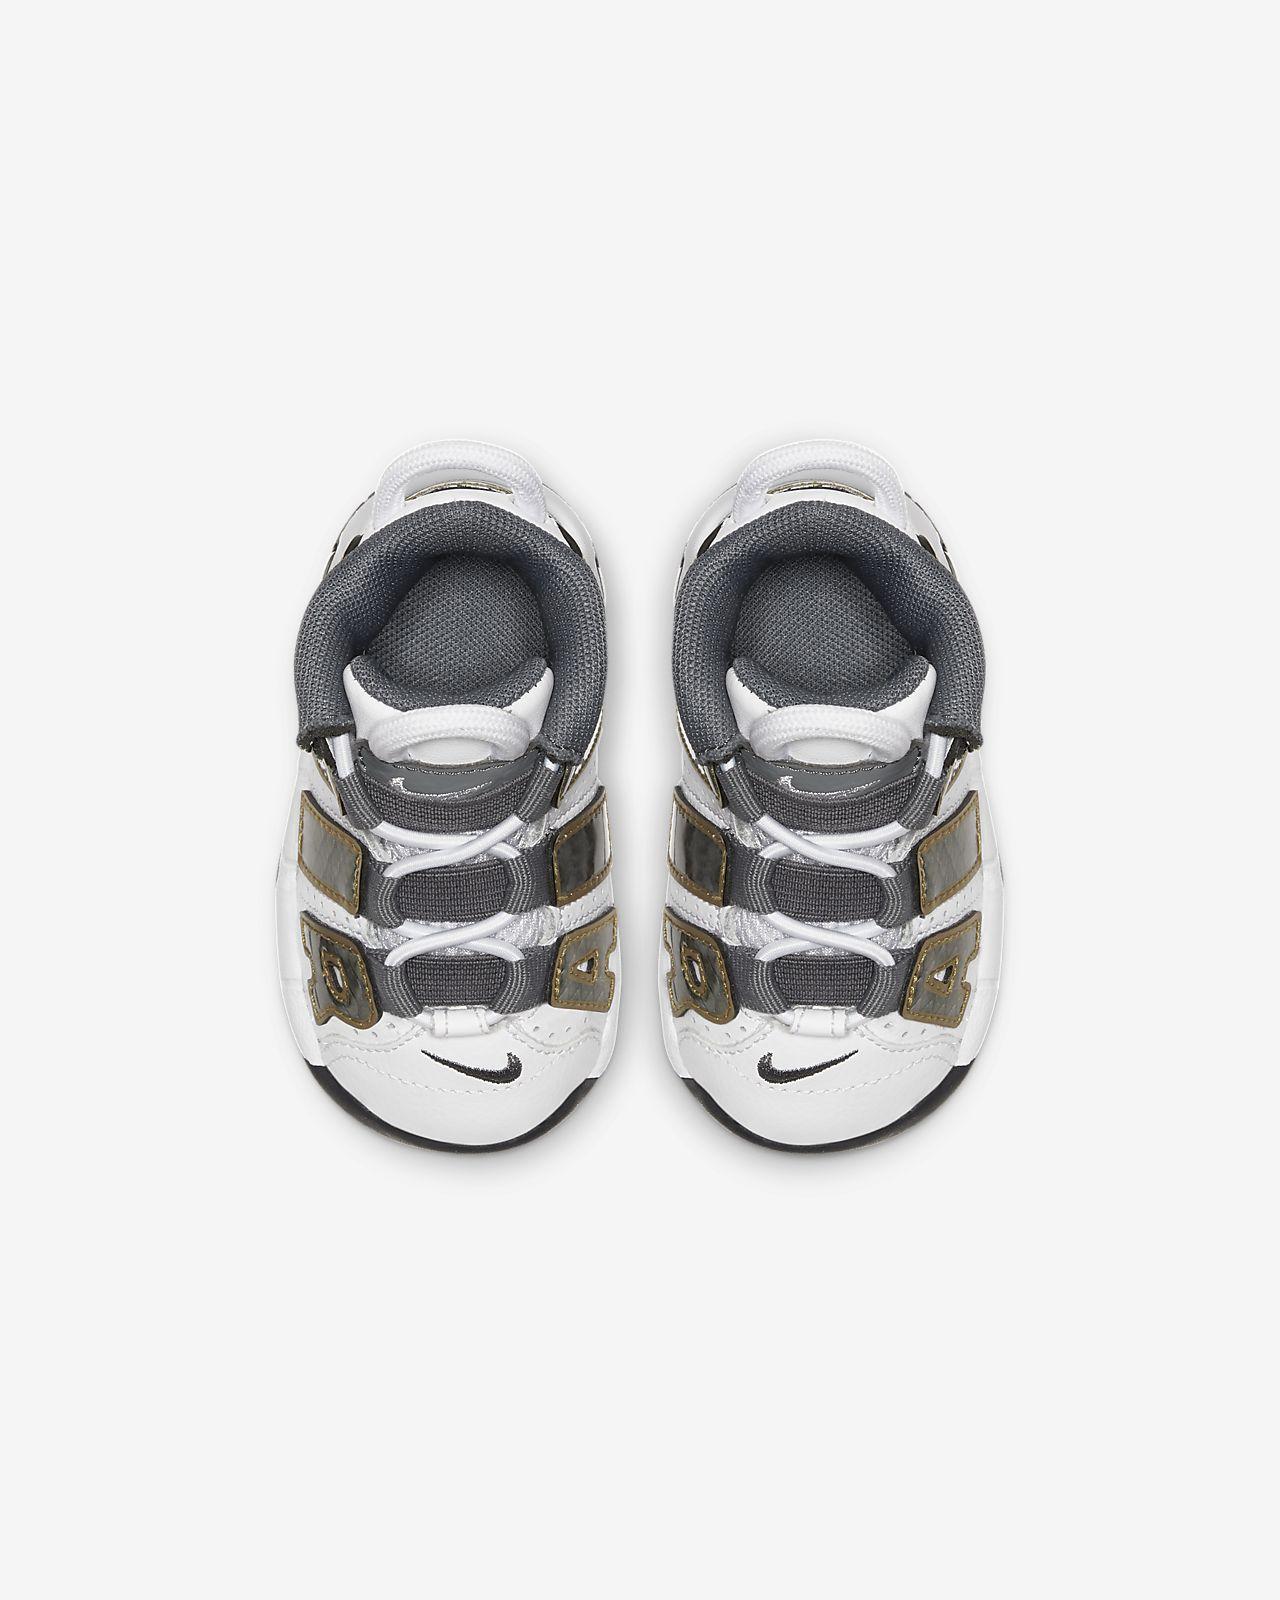 Nike Air More Uptempo SE Schuh für Babys und Kleinkinder